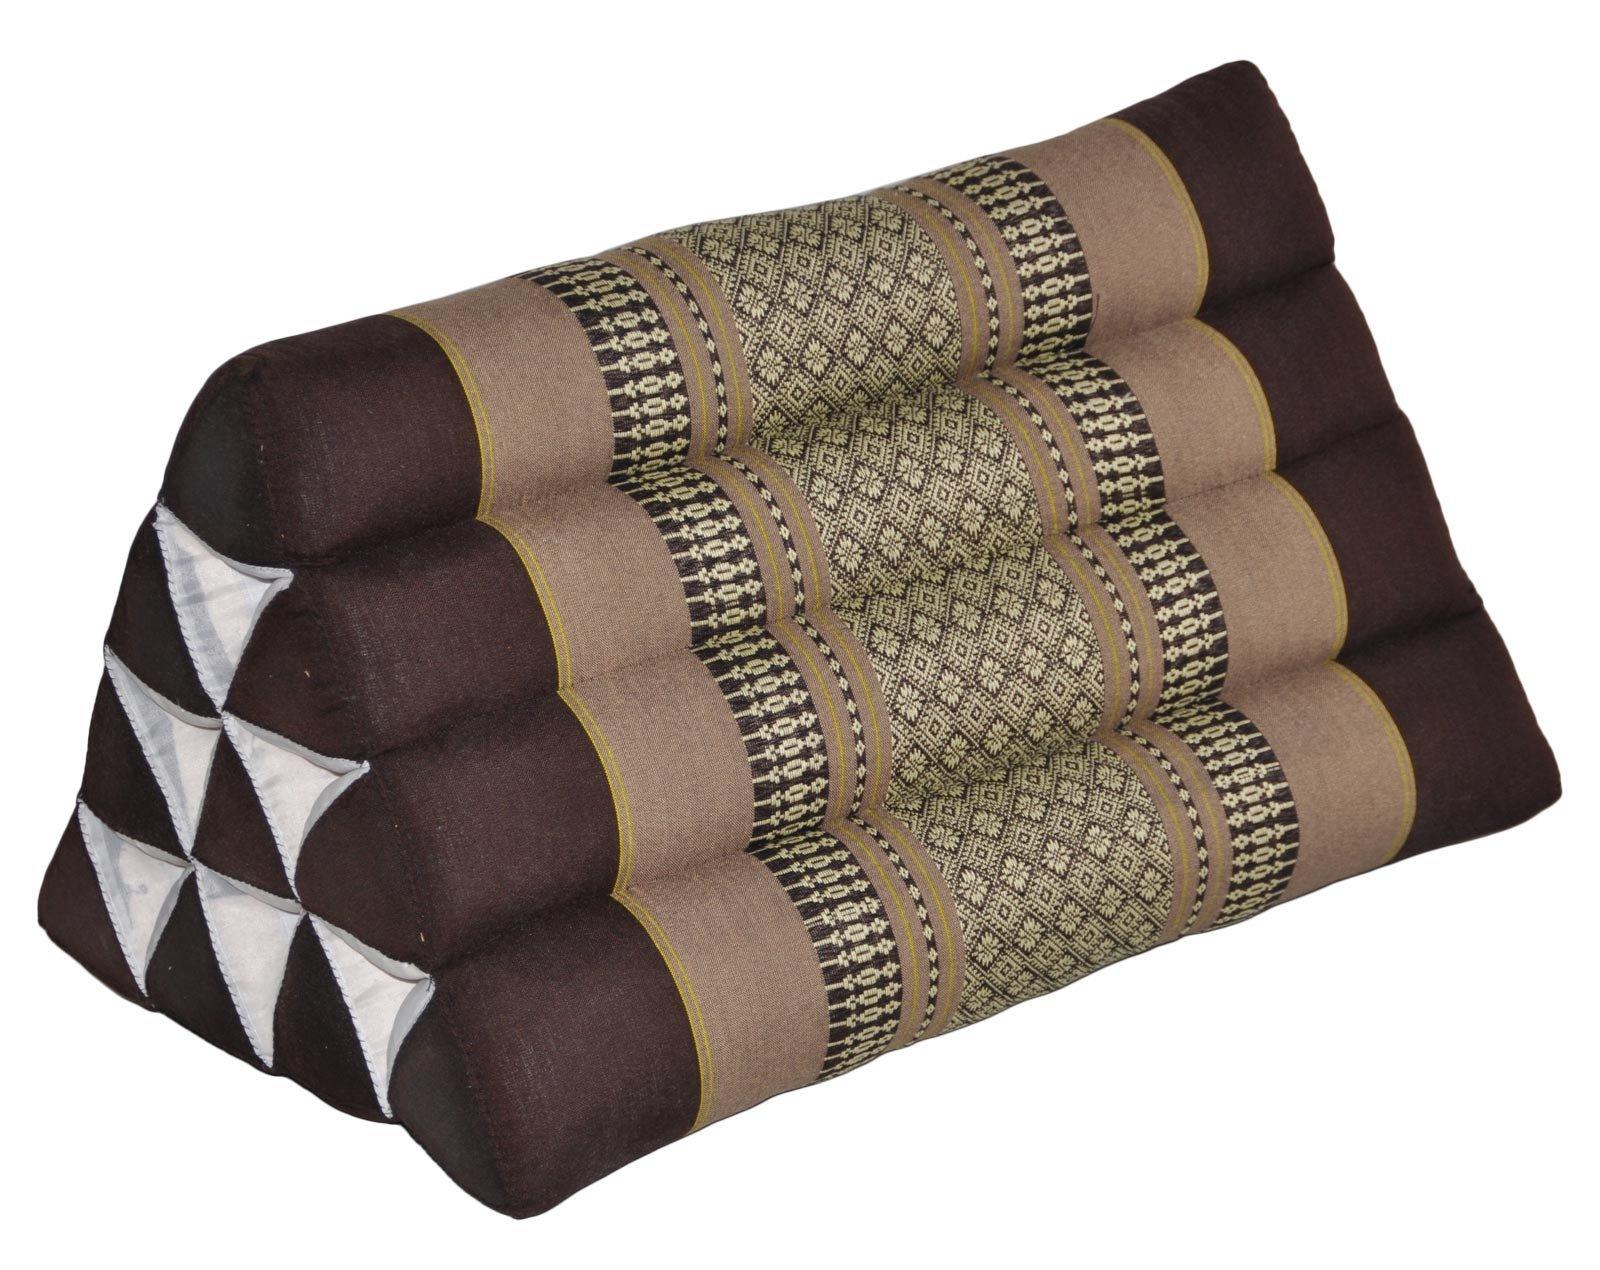 Thai triangular cushion, brown, relaxation, beach, kapok, made in Thailand. (82400) by Wilai GmbH